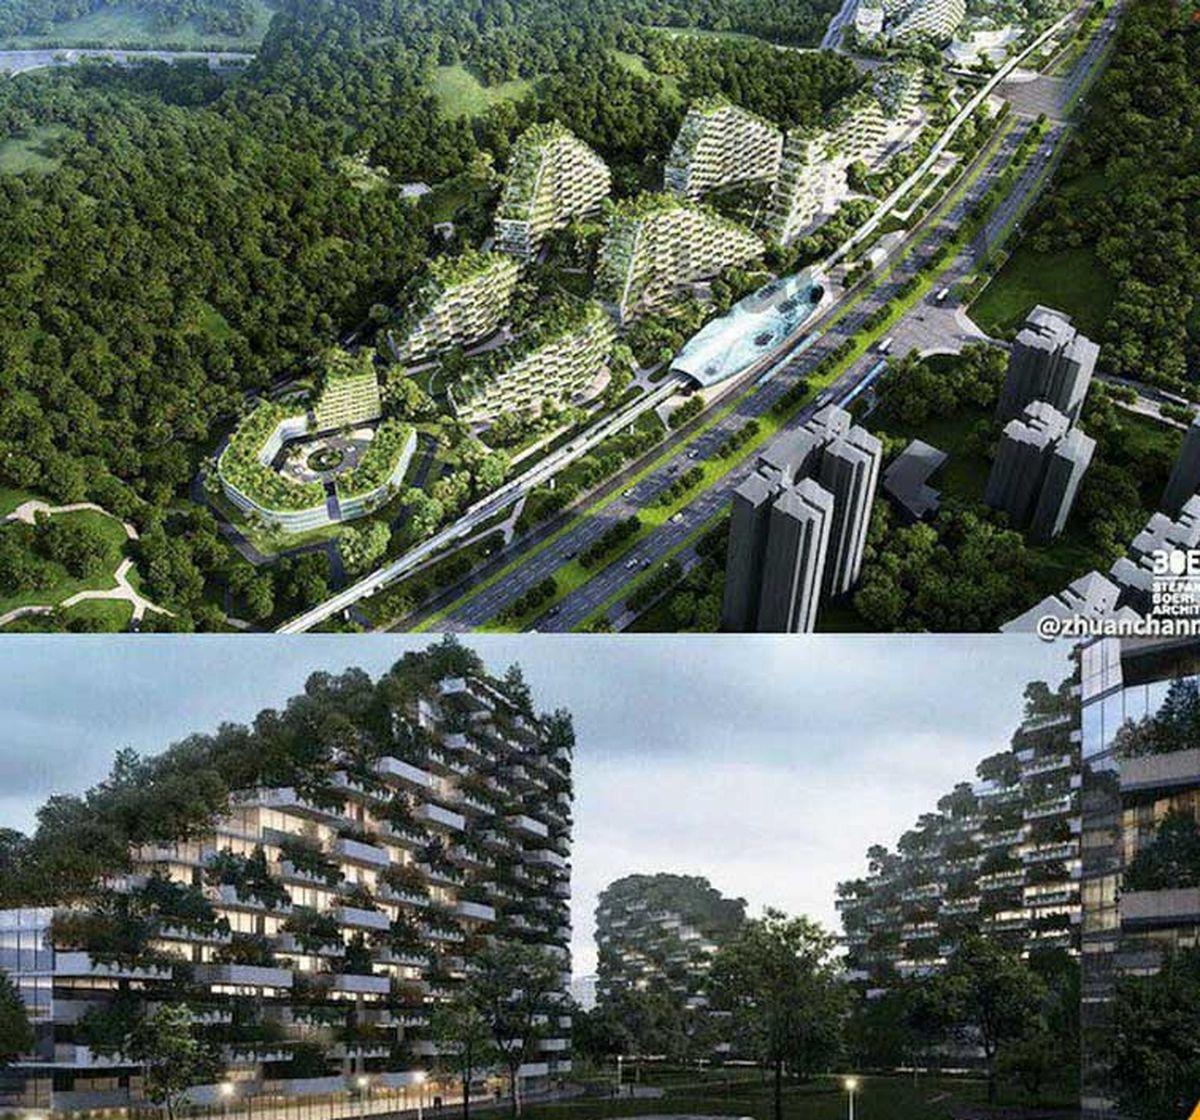 نخستین شهر جنگلی با بیش از 1 میلیون گیاه